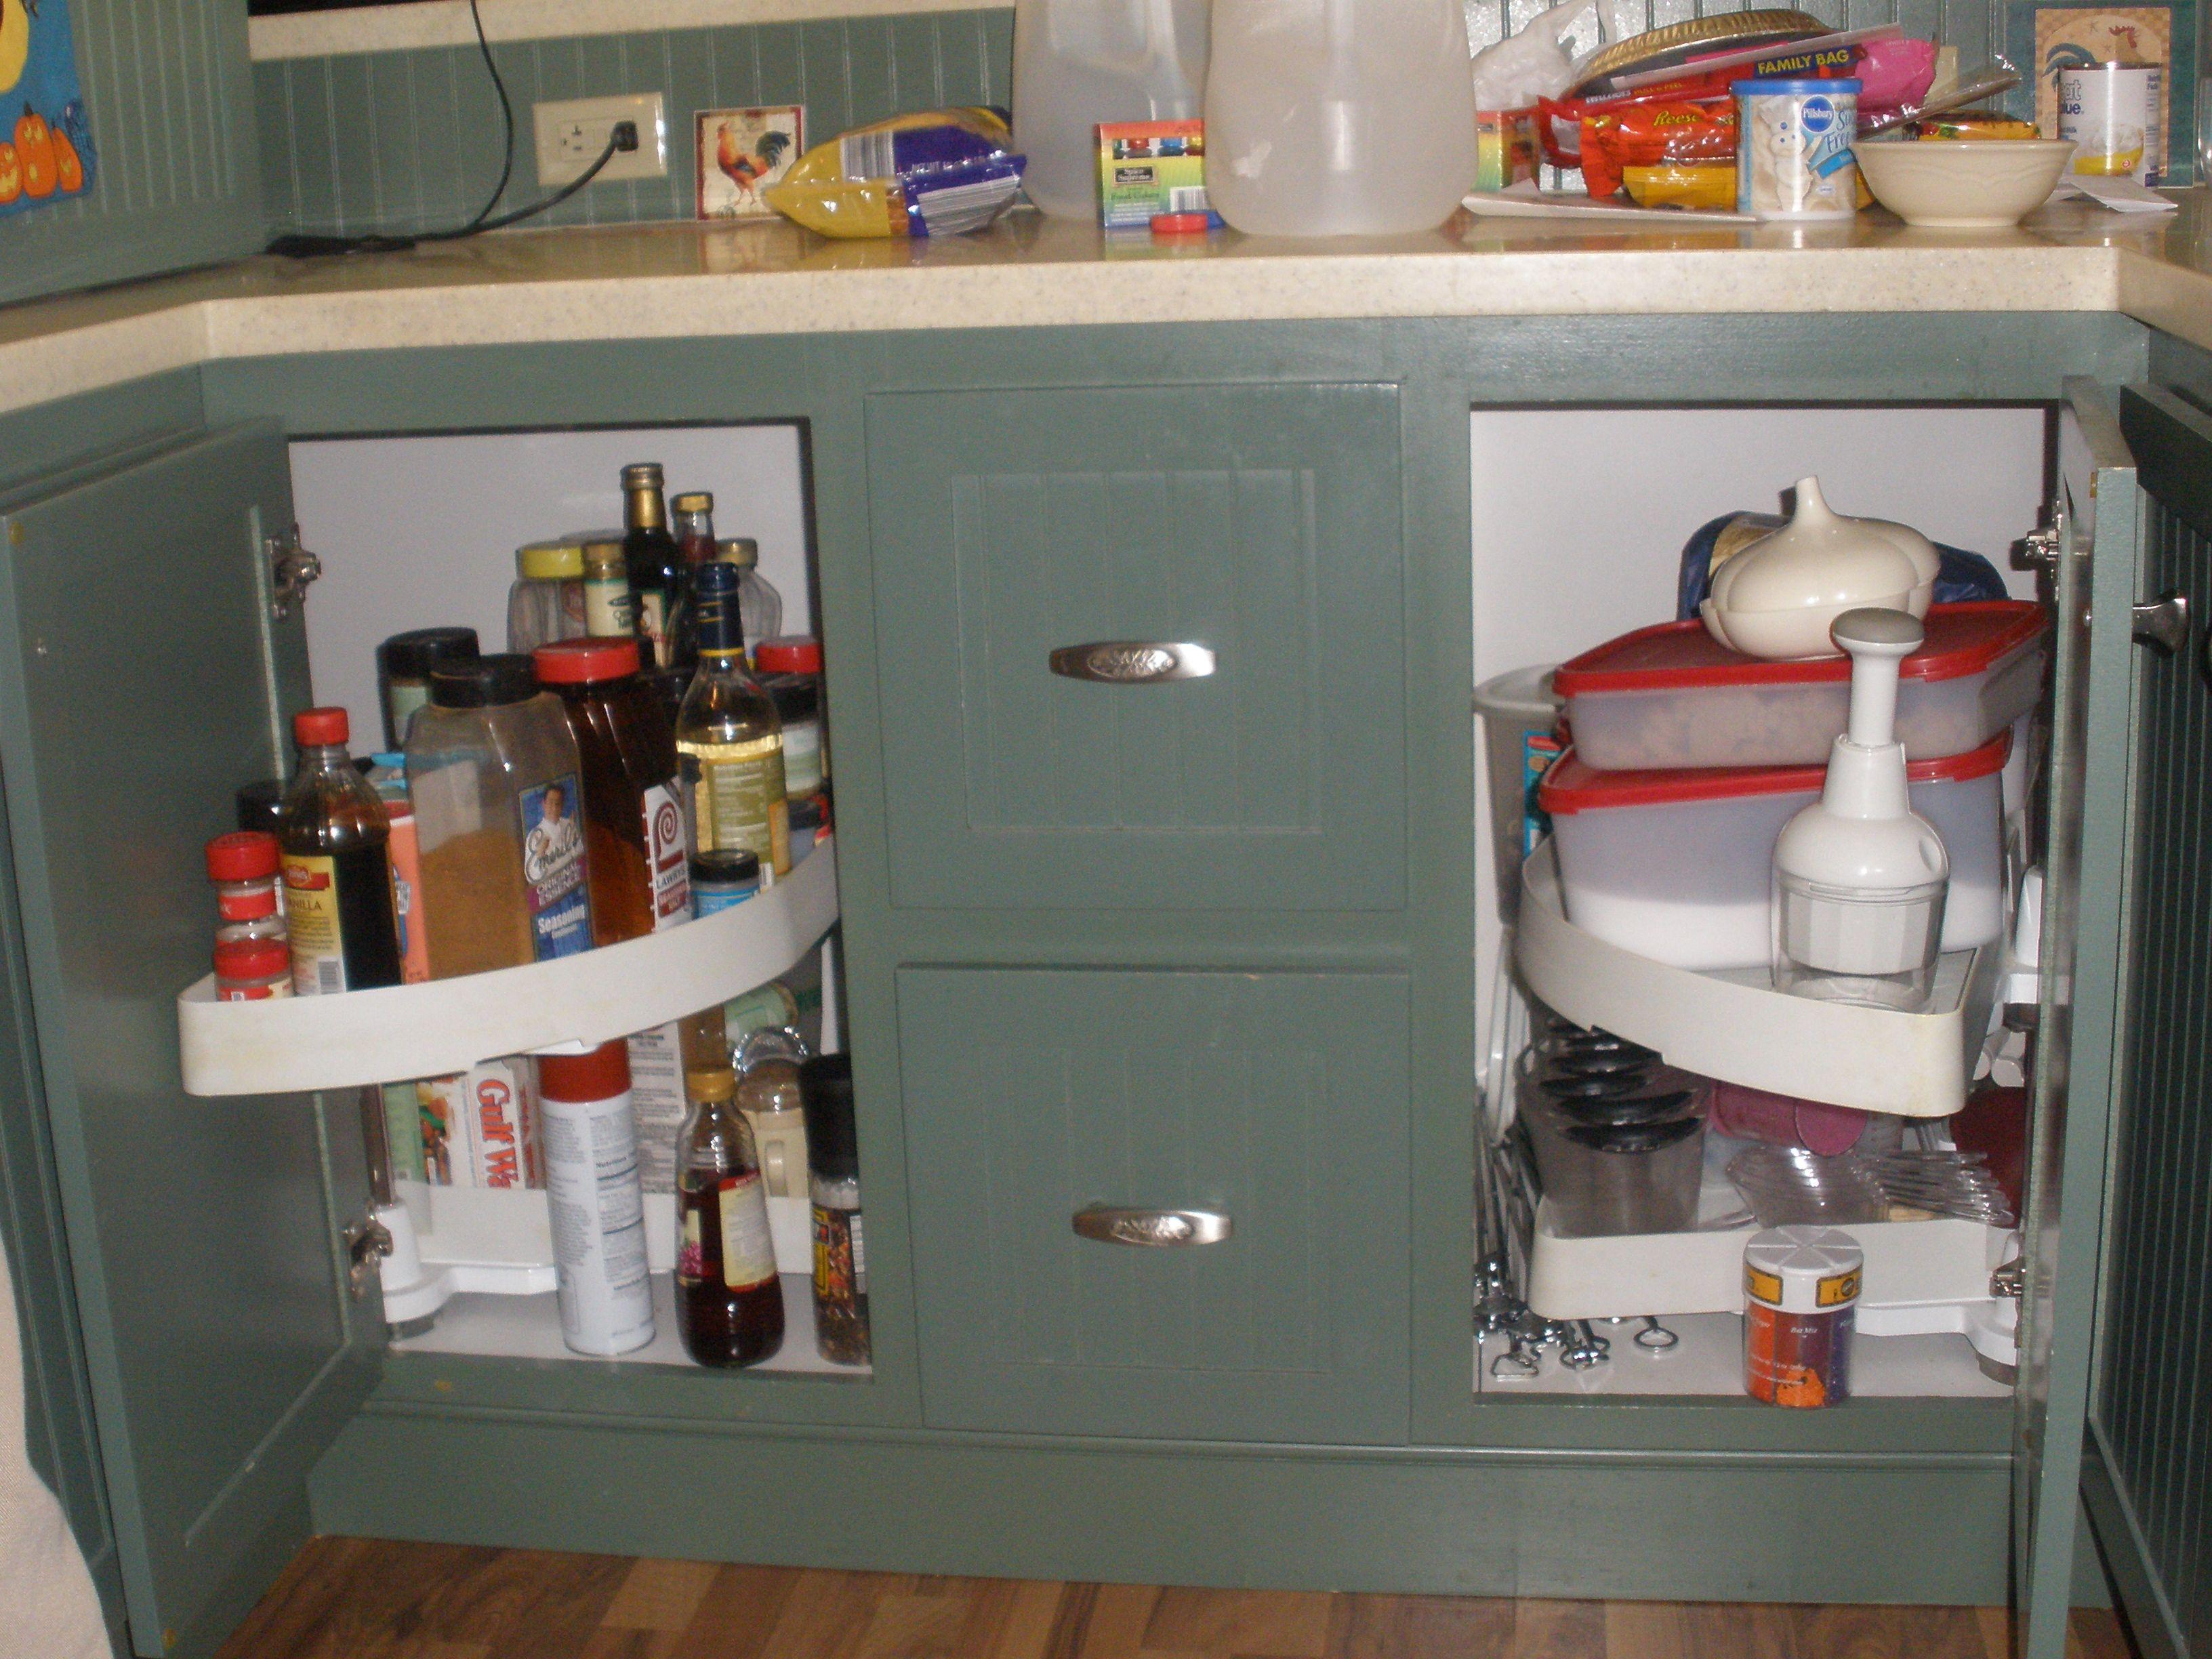 Excepcional Muebles De Cocina Bricolaje Refacing Ideas - Ideas de ...